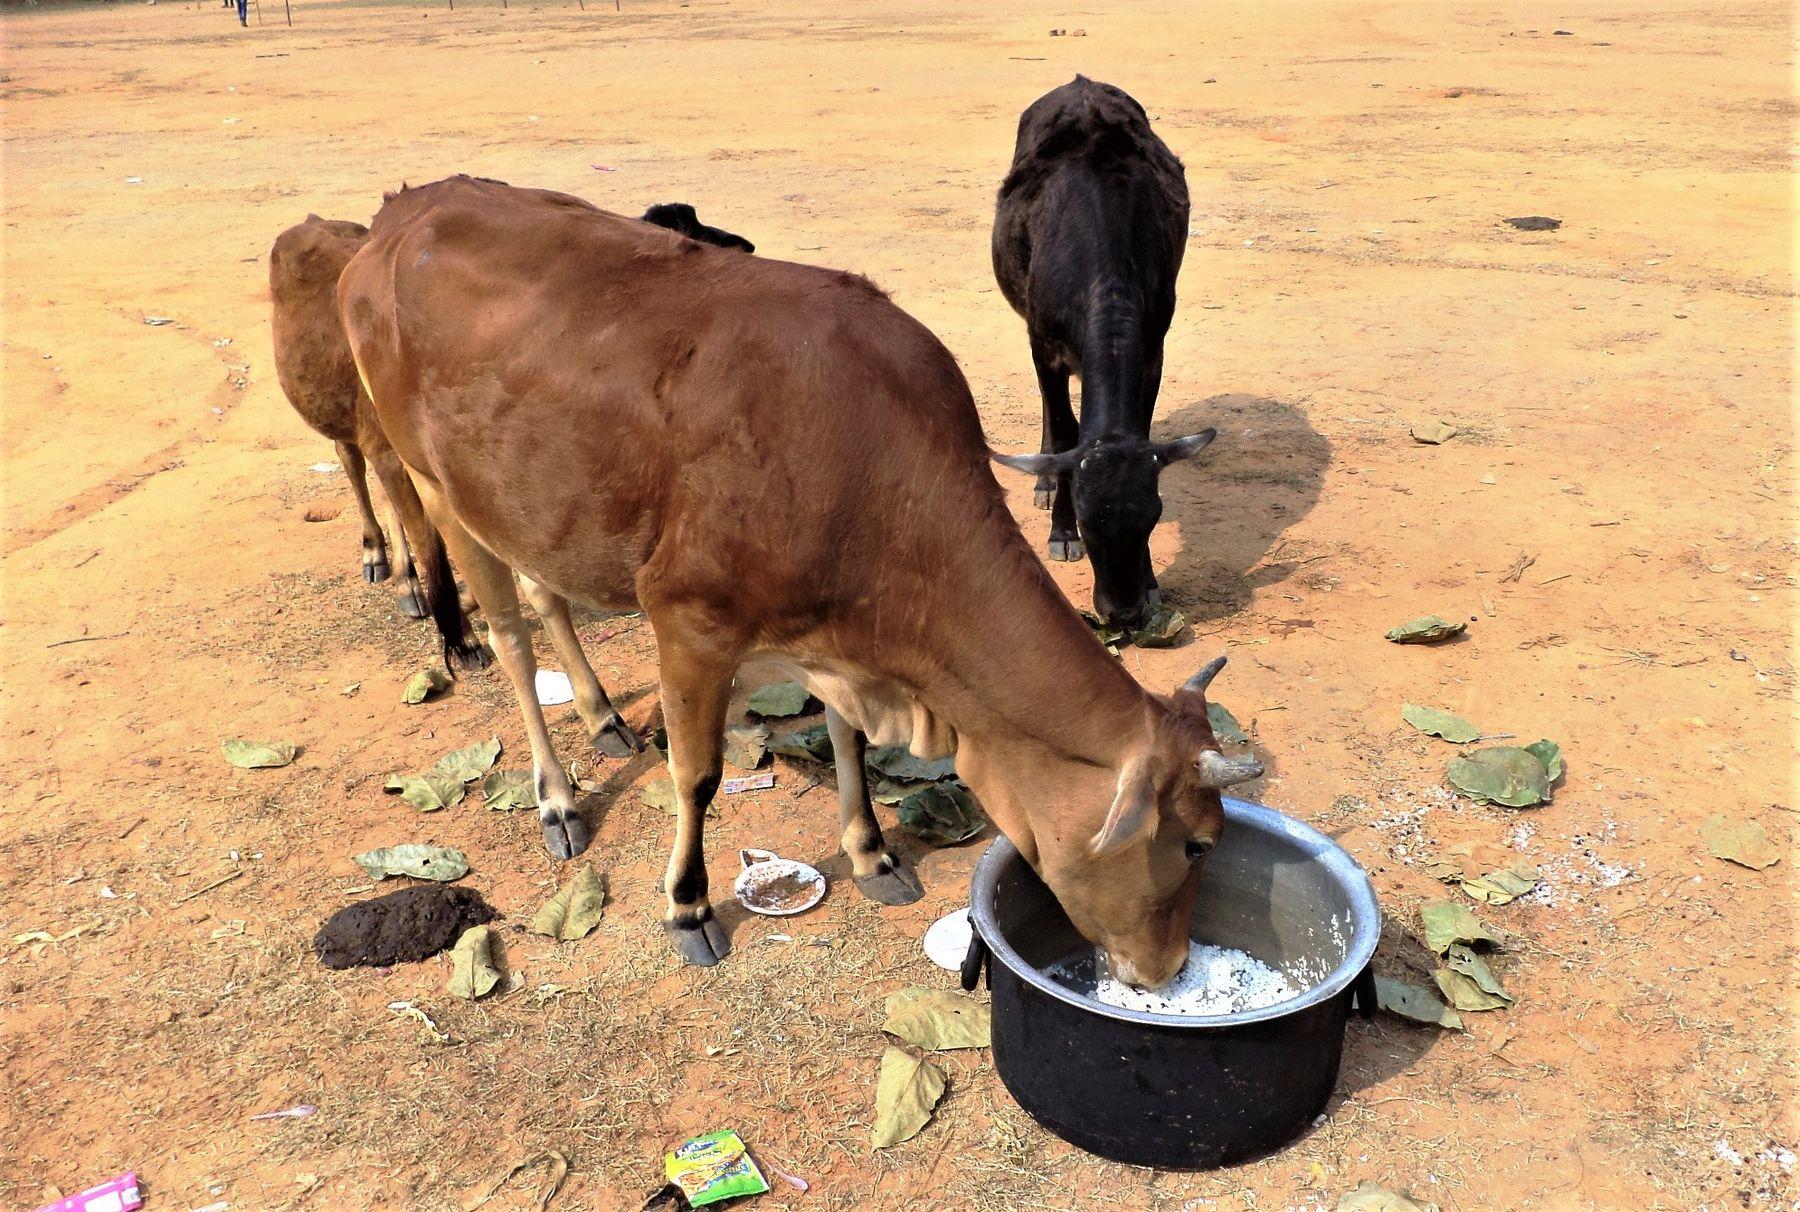 Корова кушает рис из кастрюли. индия корова животные